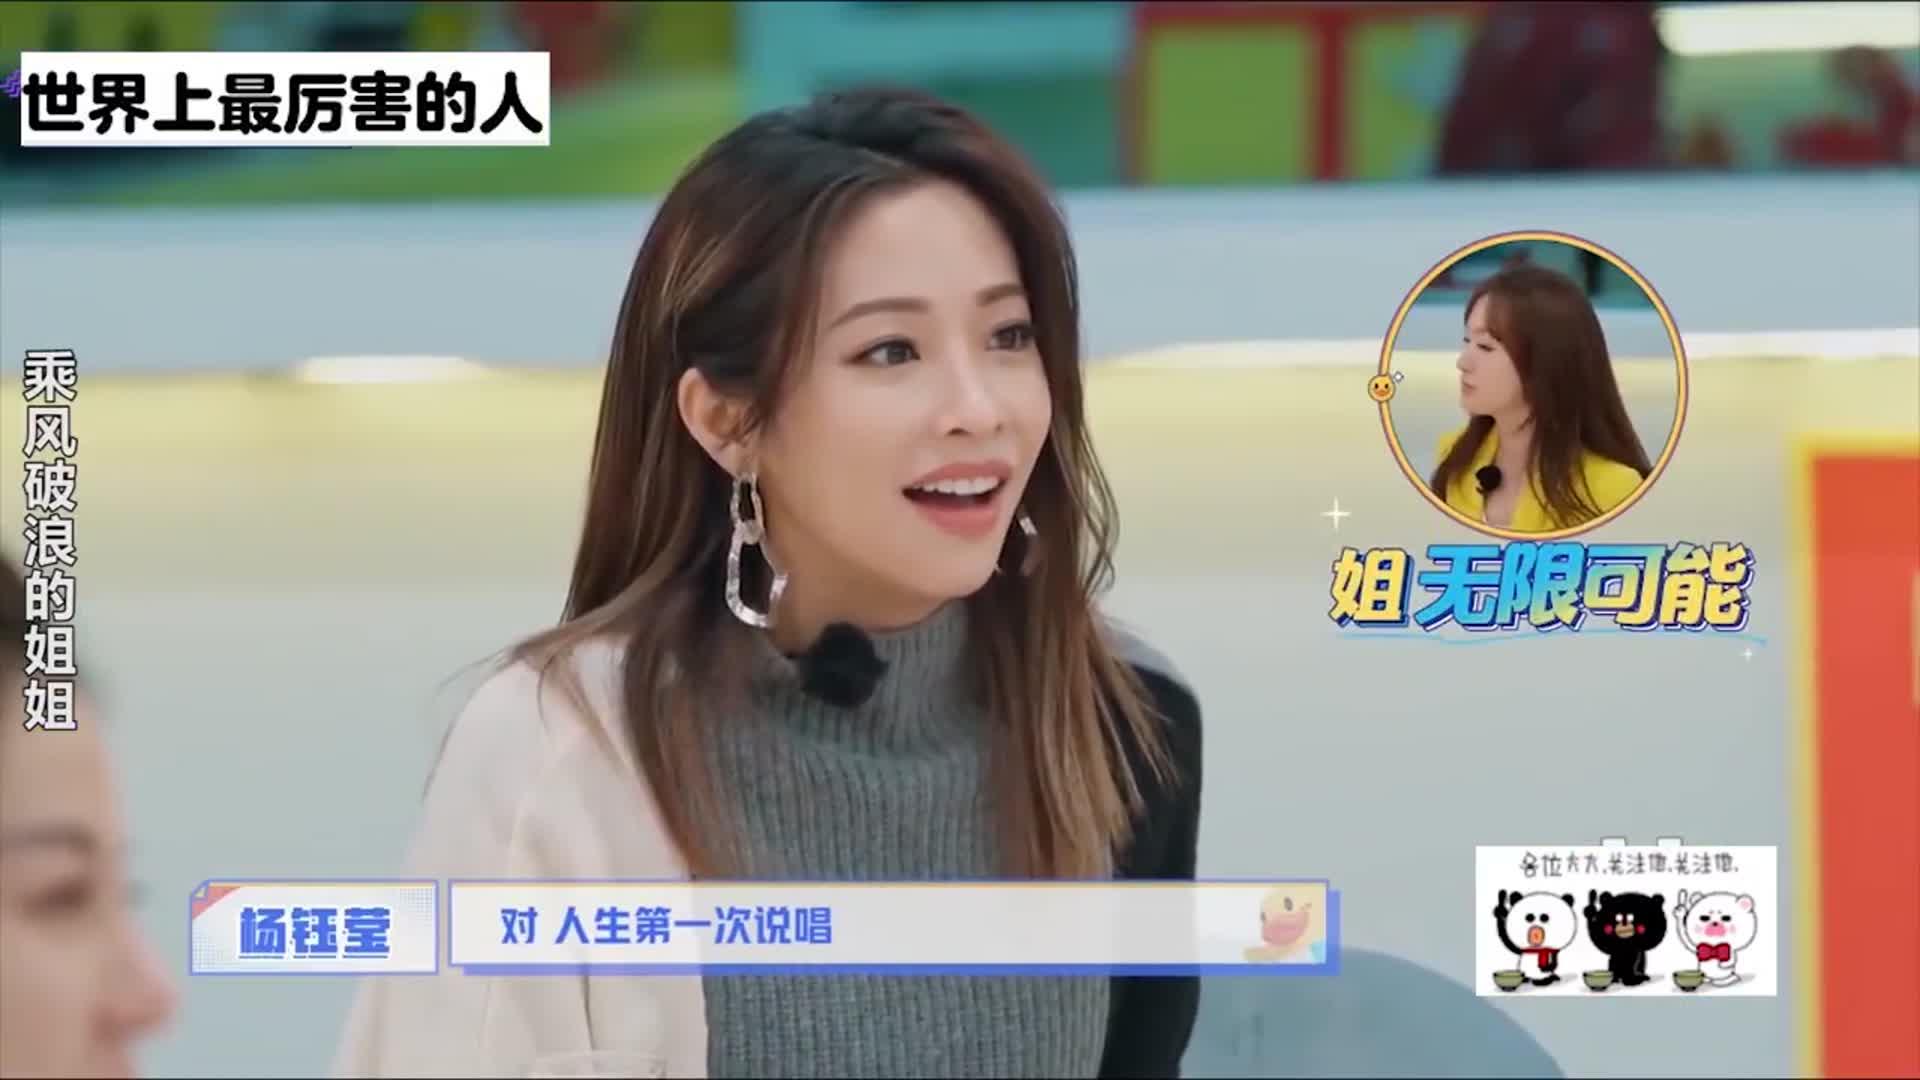 50岁杨钰莹跳舞有多美?即兴热舞引全场尖叫!不愧是不老女神